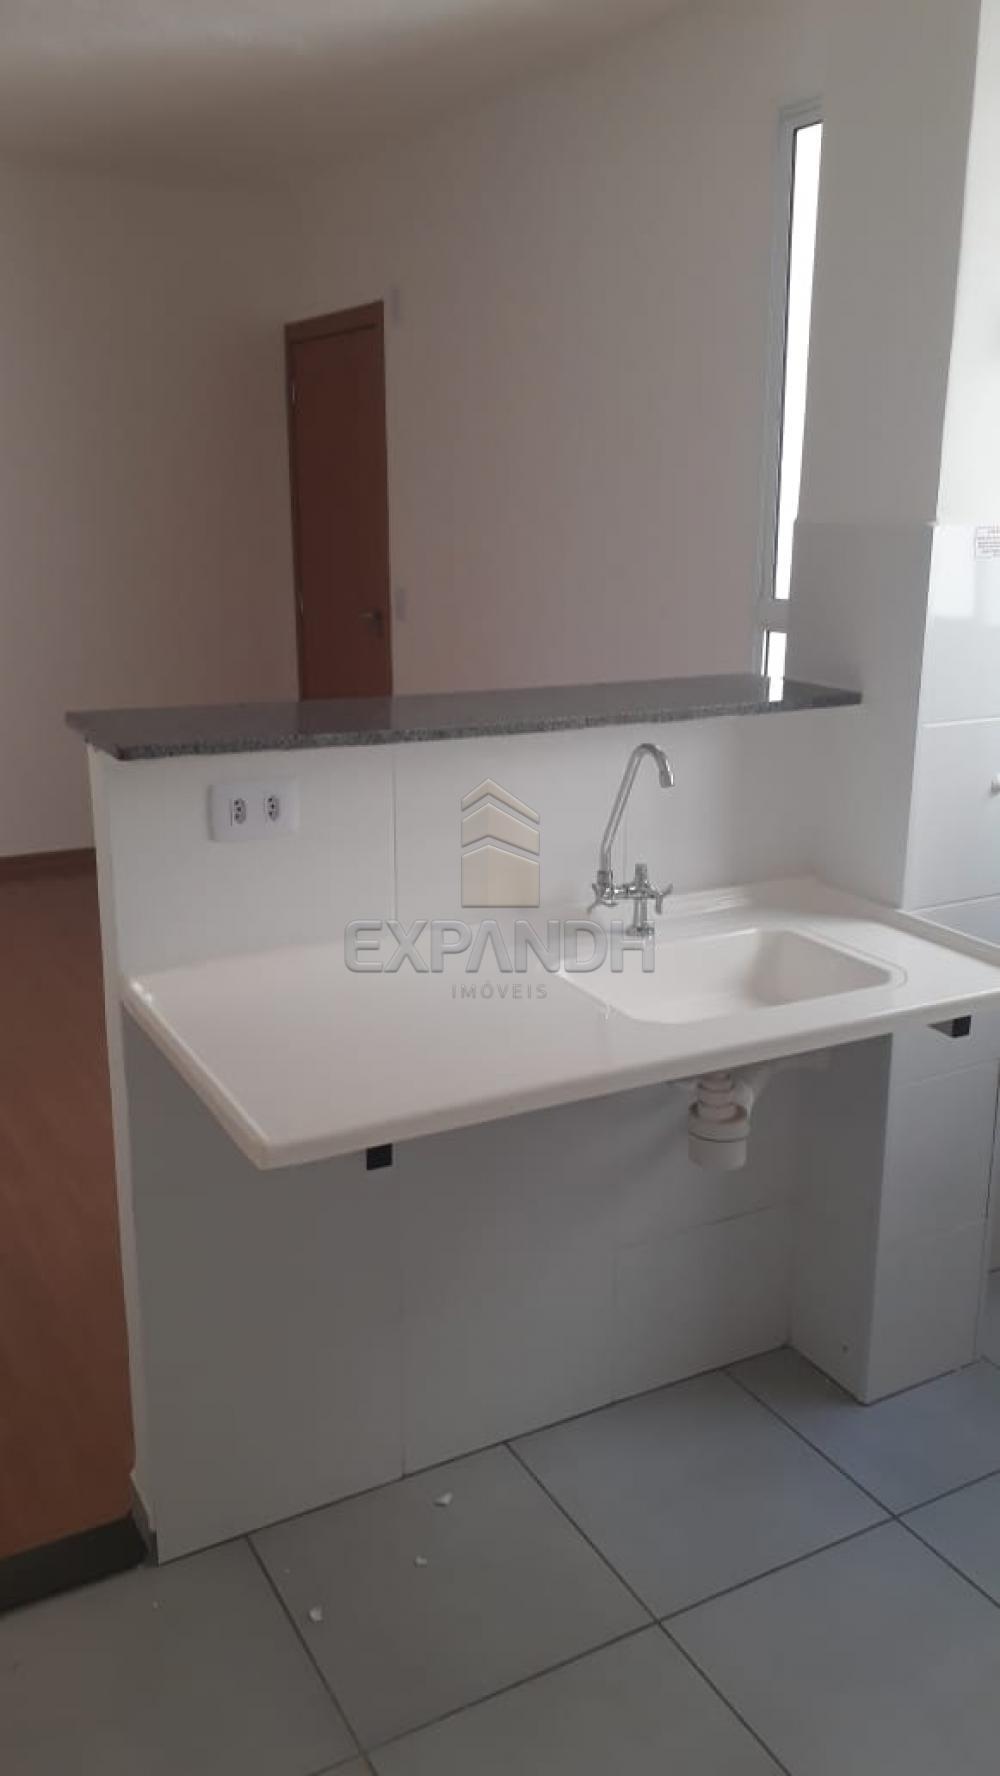 Comprar Apartamentos / Padrão em Sertãozinho apenas R$ 138.900,00 - Foto 18